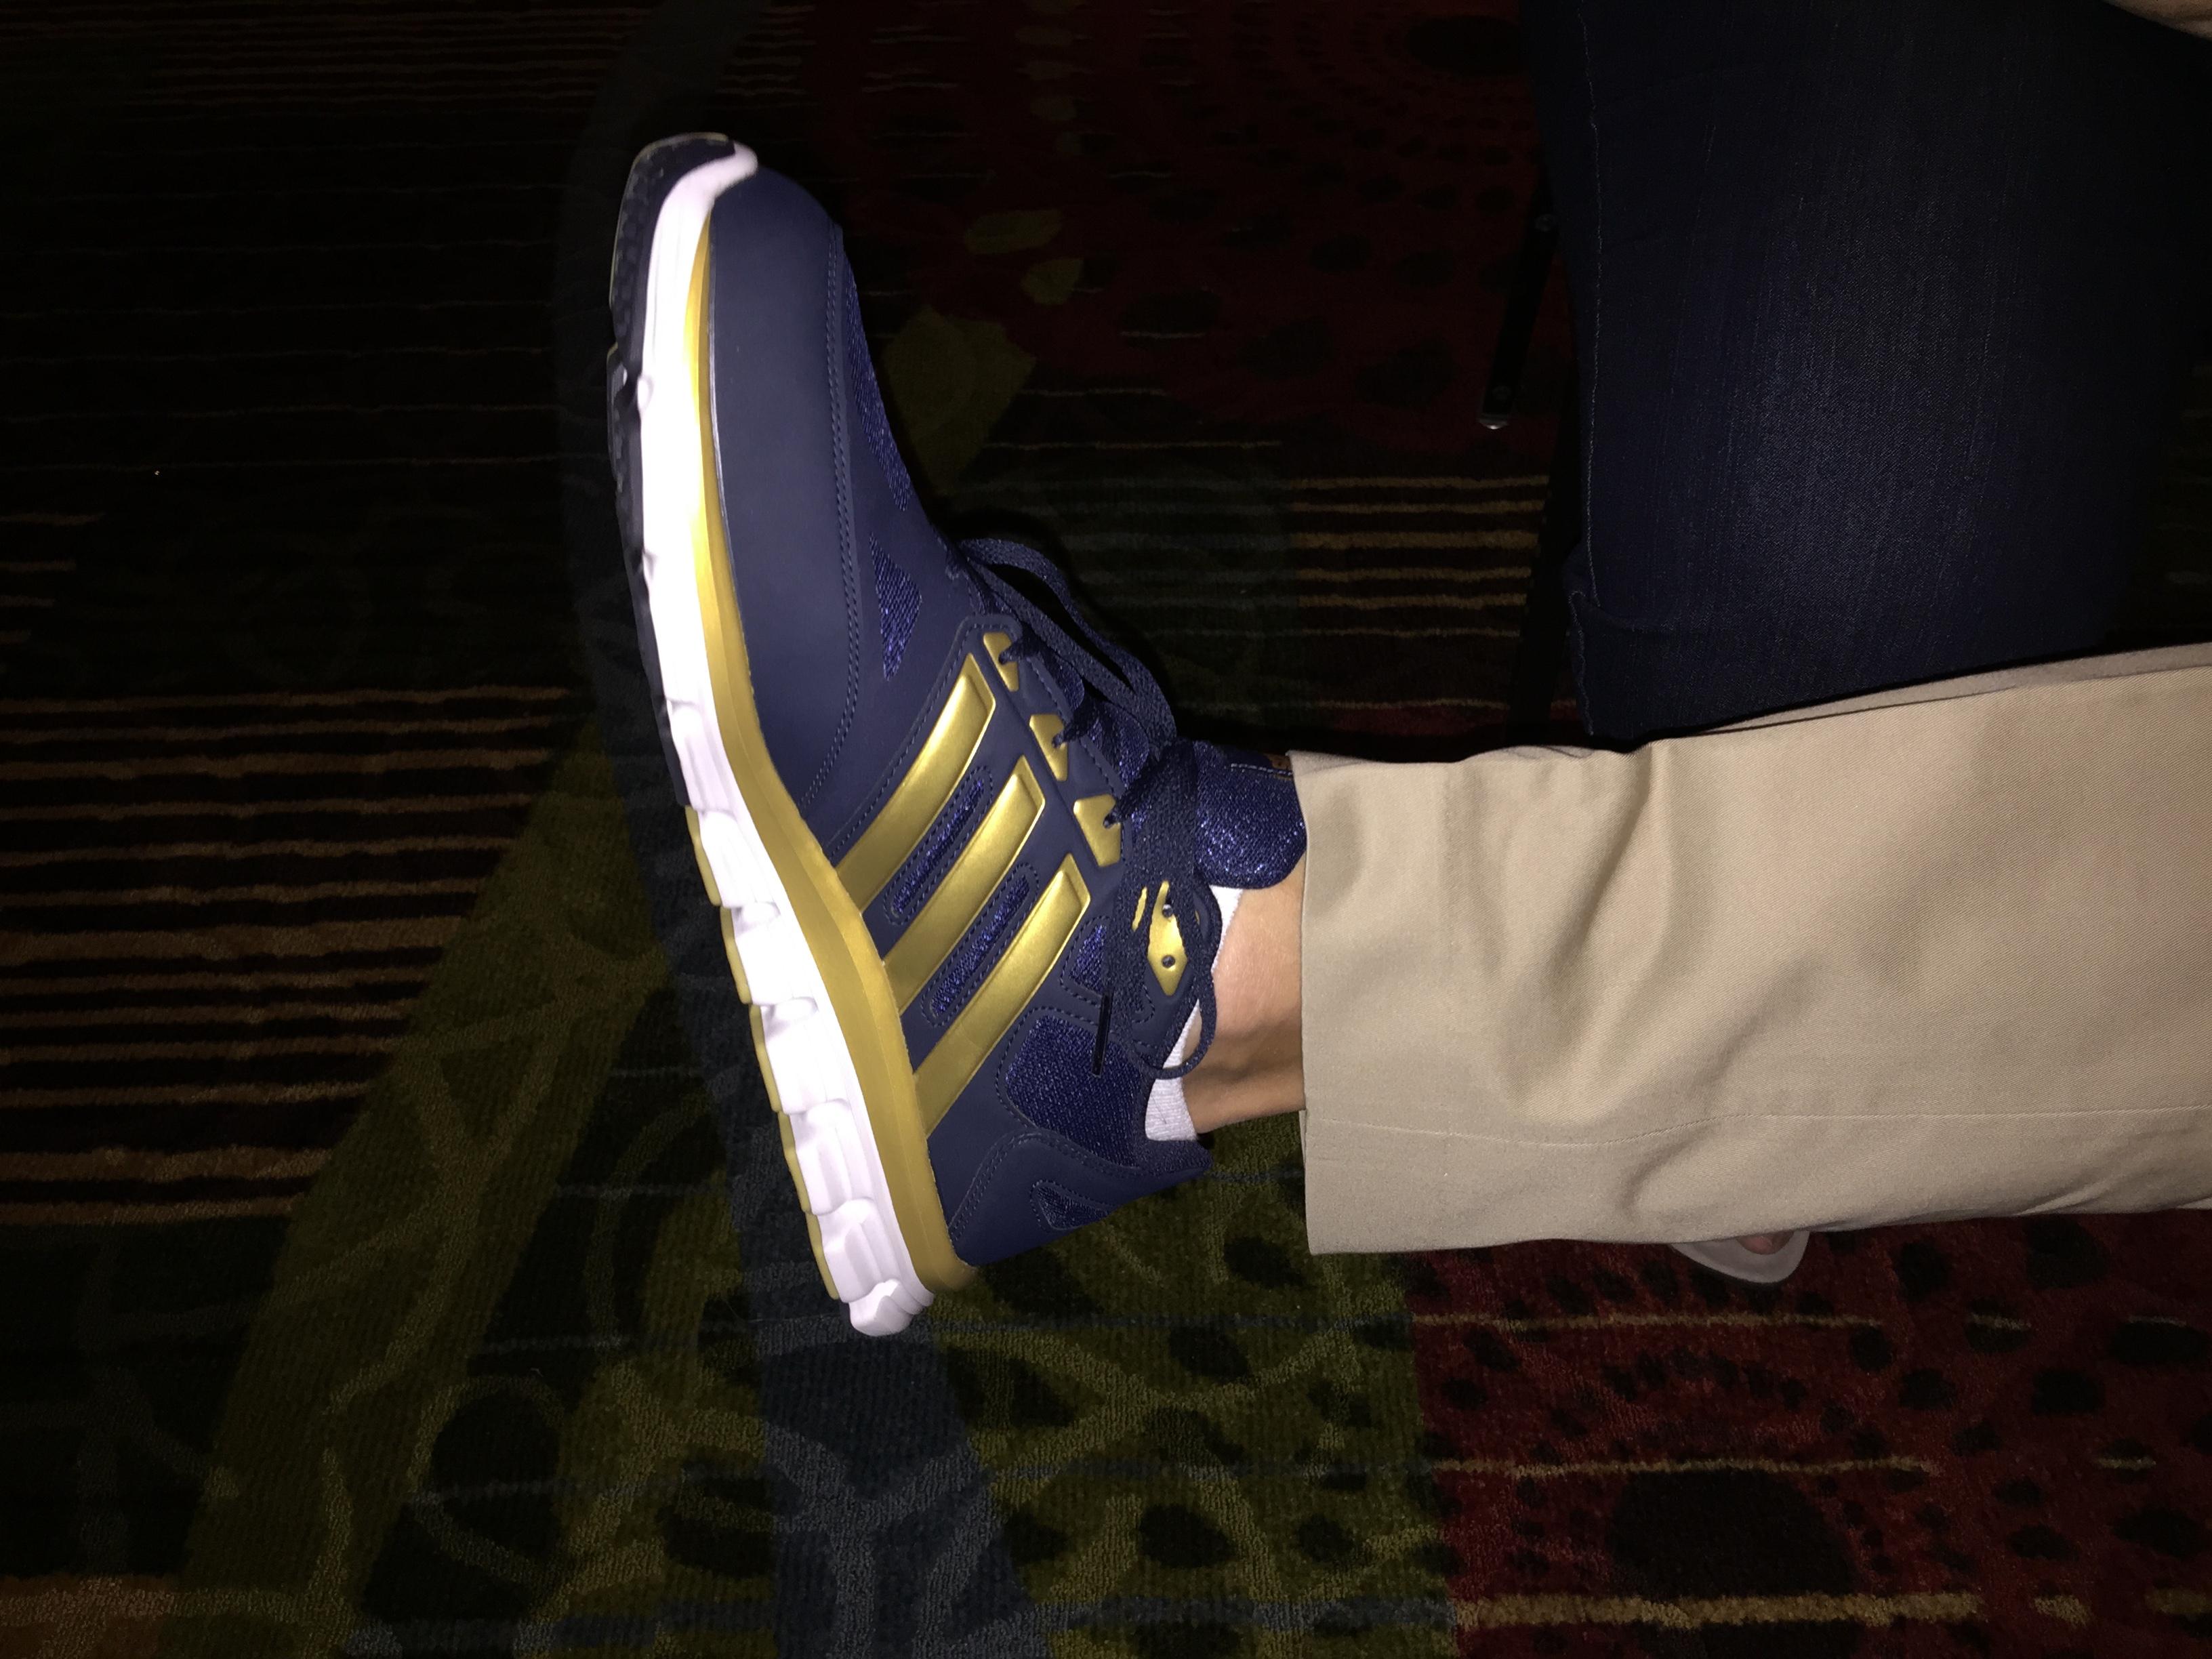 Jay Obey's shoe